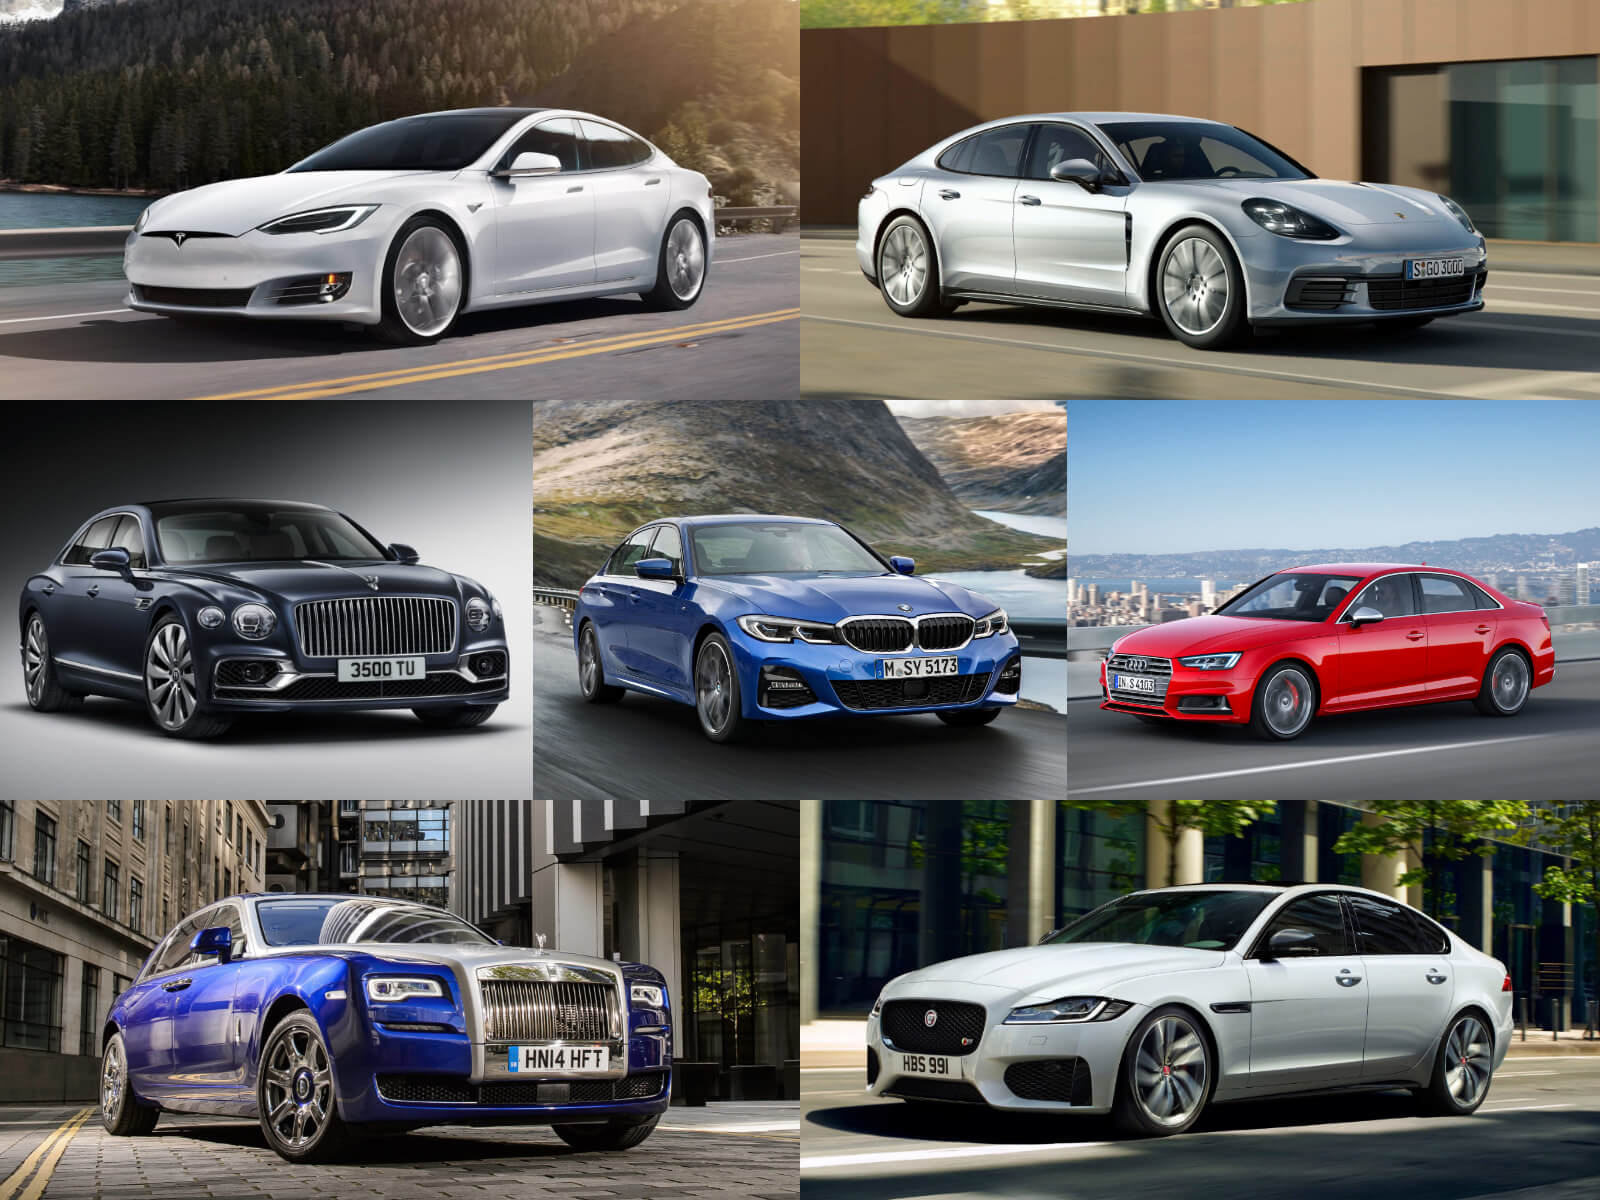 新車で買える外車・輸入車セダン一覧【2019年最新情報】 | MOBY [モビー]